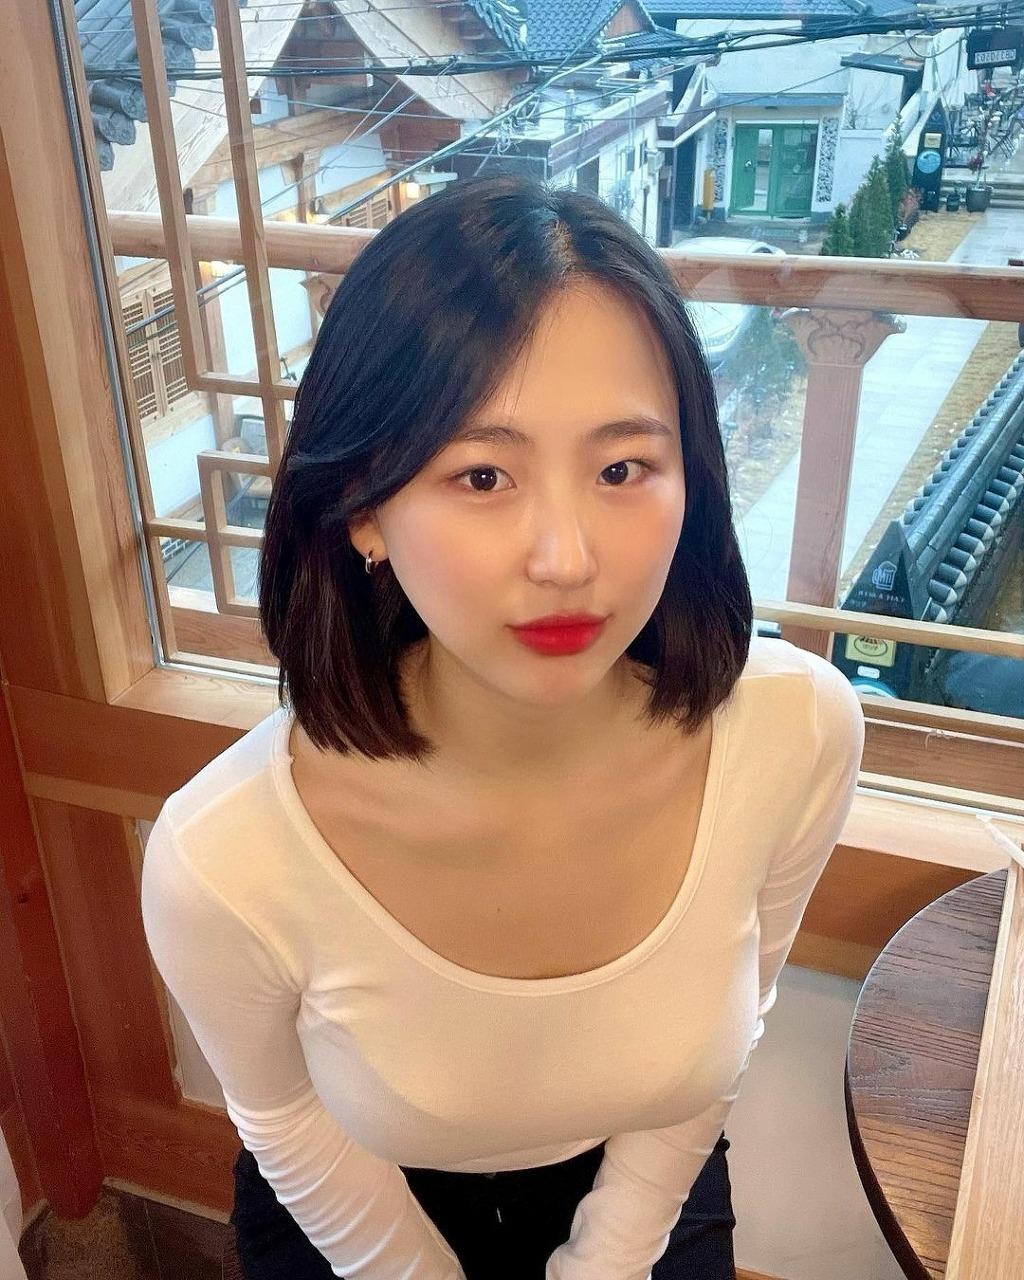 2021 미맥콘 참가자 김서아 - 짤티비